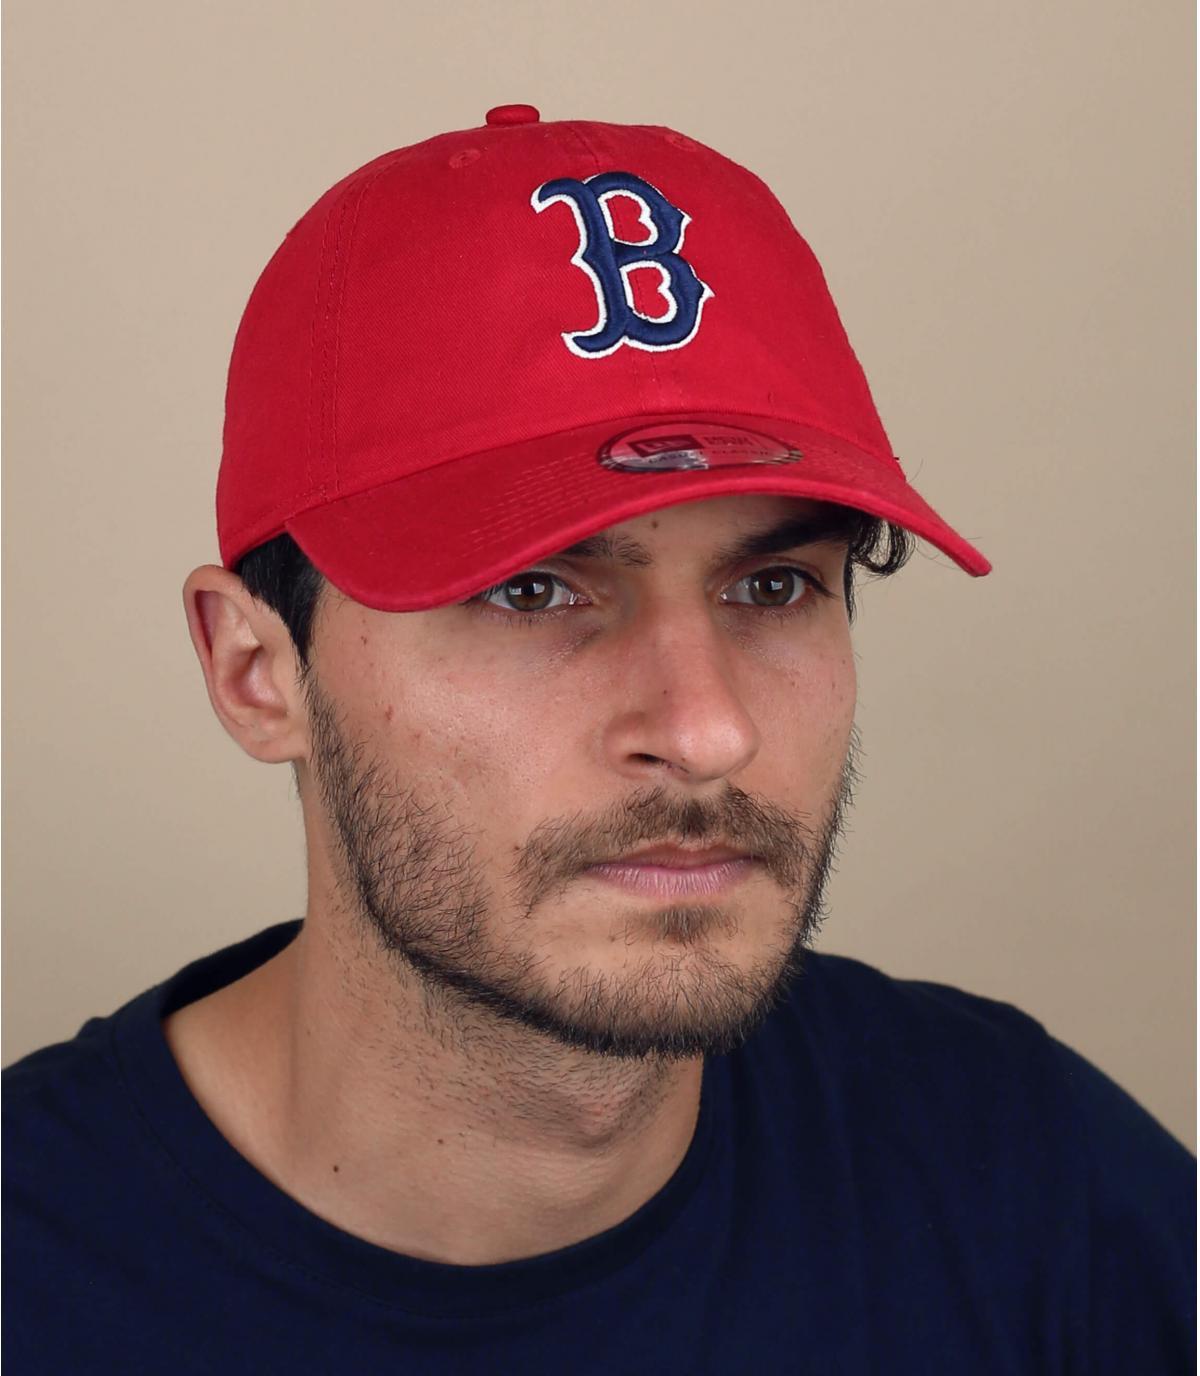 Gorra desestructurada B rojo